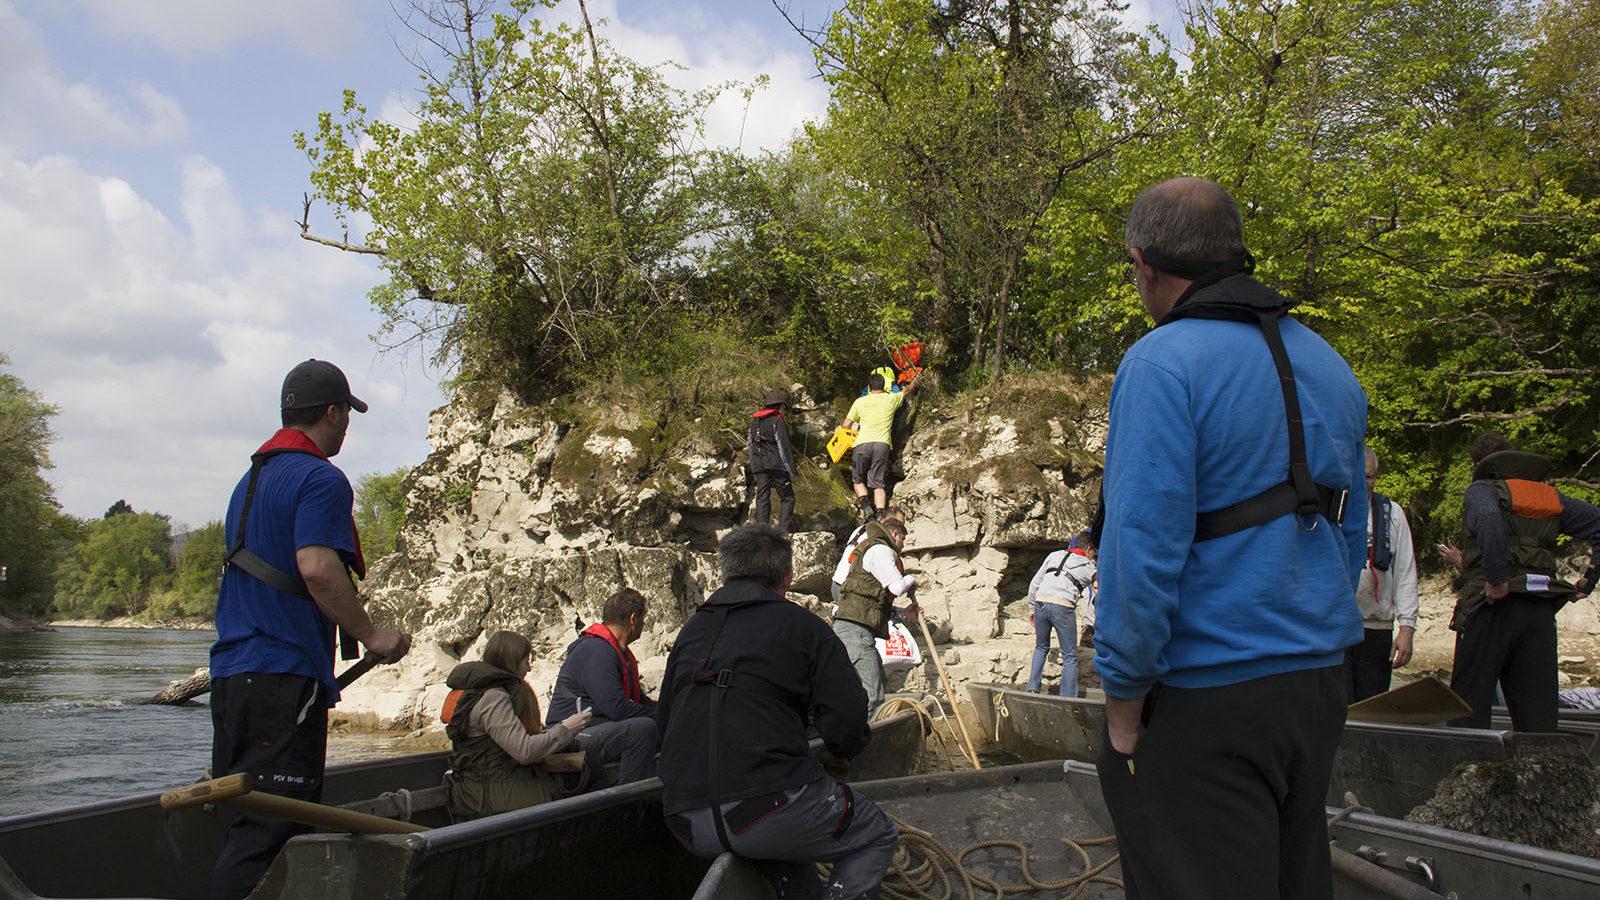 Aufgrund des Niedrigwassers konnte der Loreley-Felsen bereits nach einer, statt der üblichen anderthalb Stunden erreicht werden